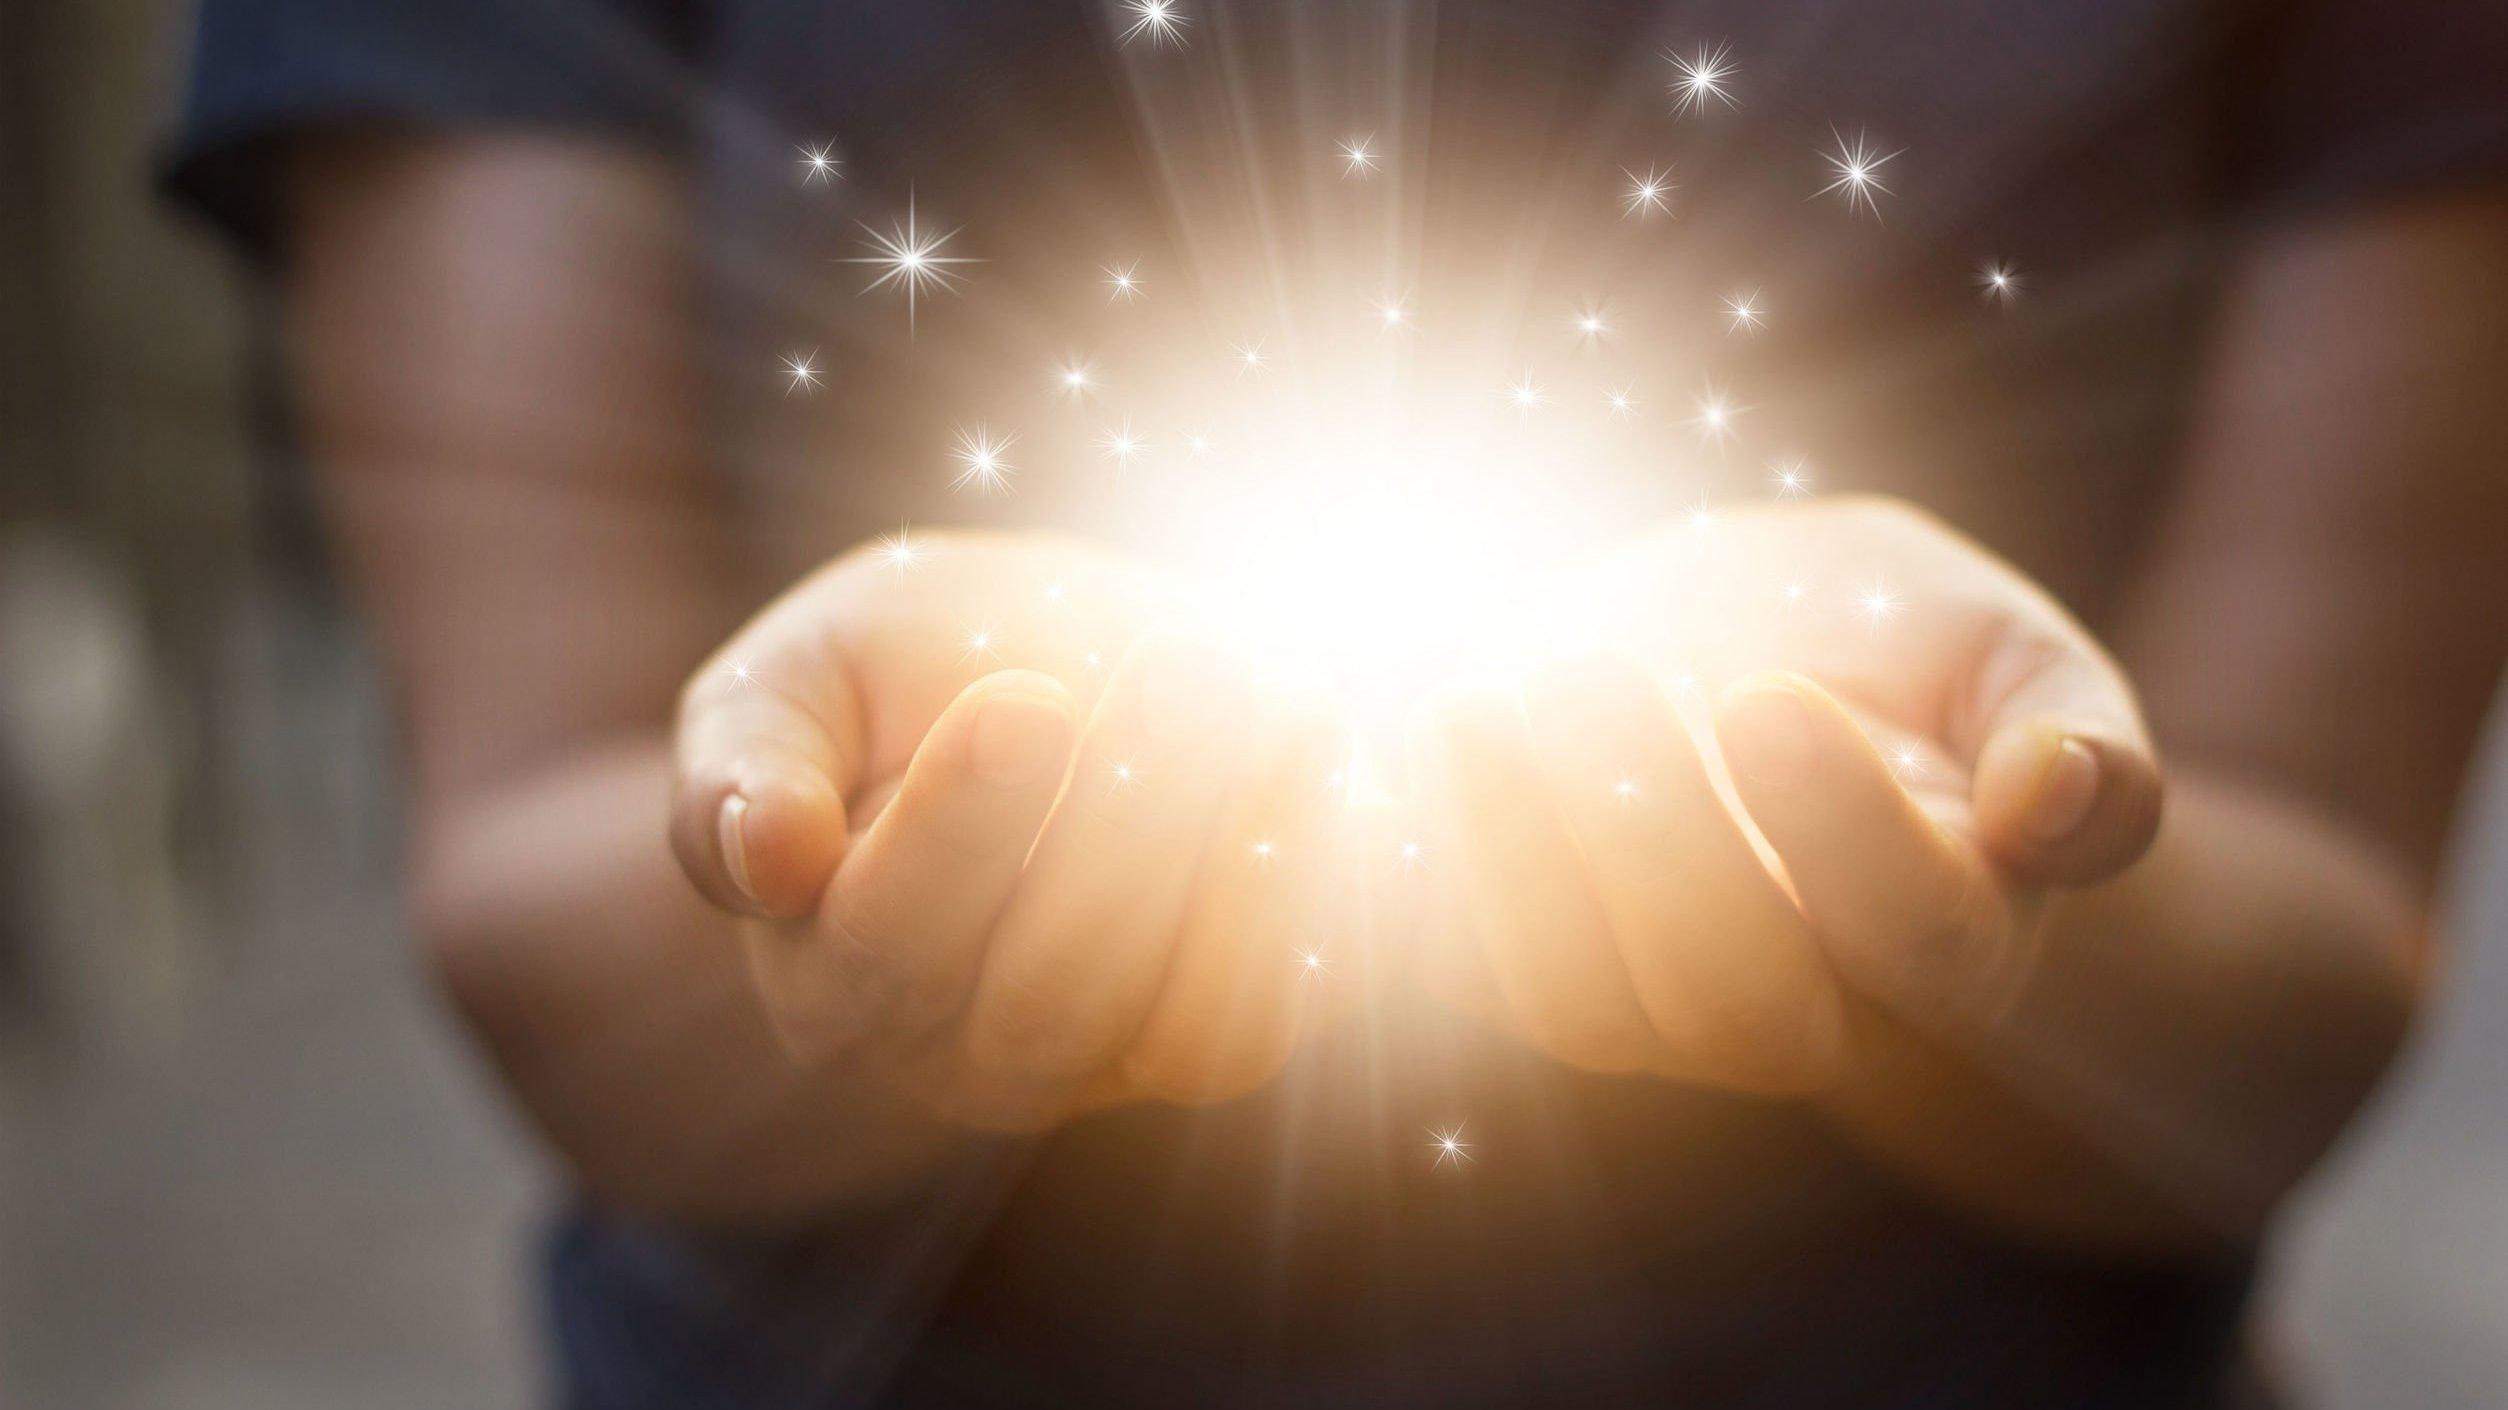 Mãos da mesma pessoa, curvadas com a palma virada para cima, juntas. Dentro delas, uma bola de luz com pequenos pontos ao redor.